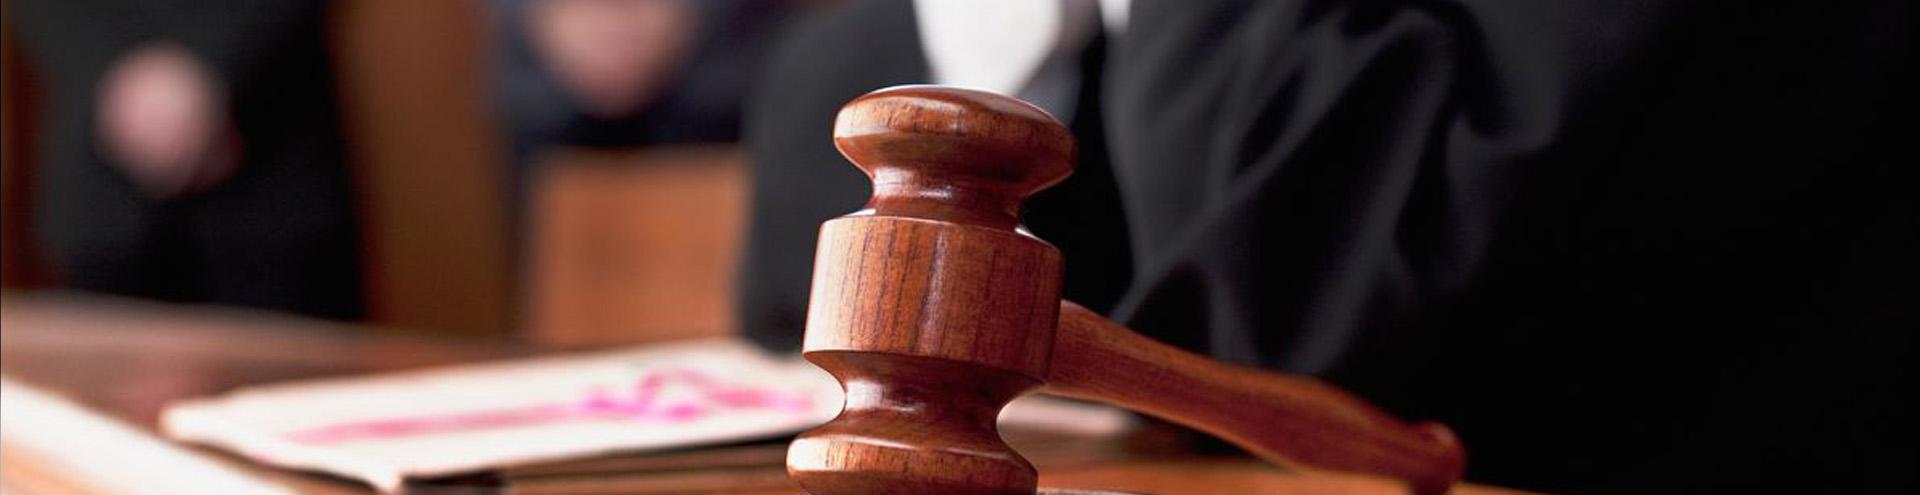 апелляционная жалоба в Астрахани и Астраханской области